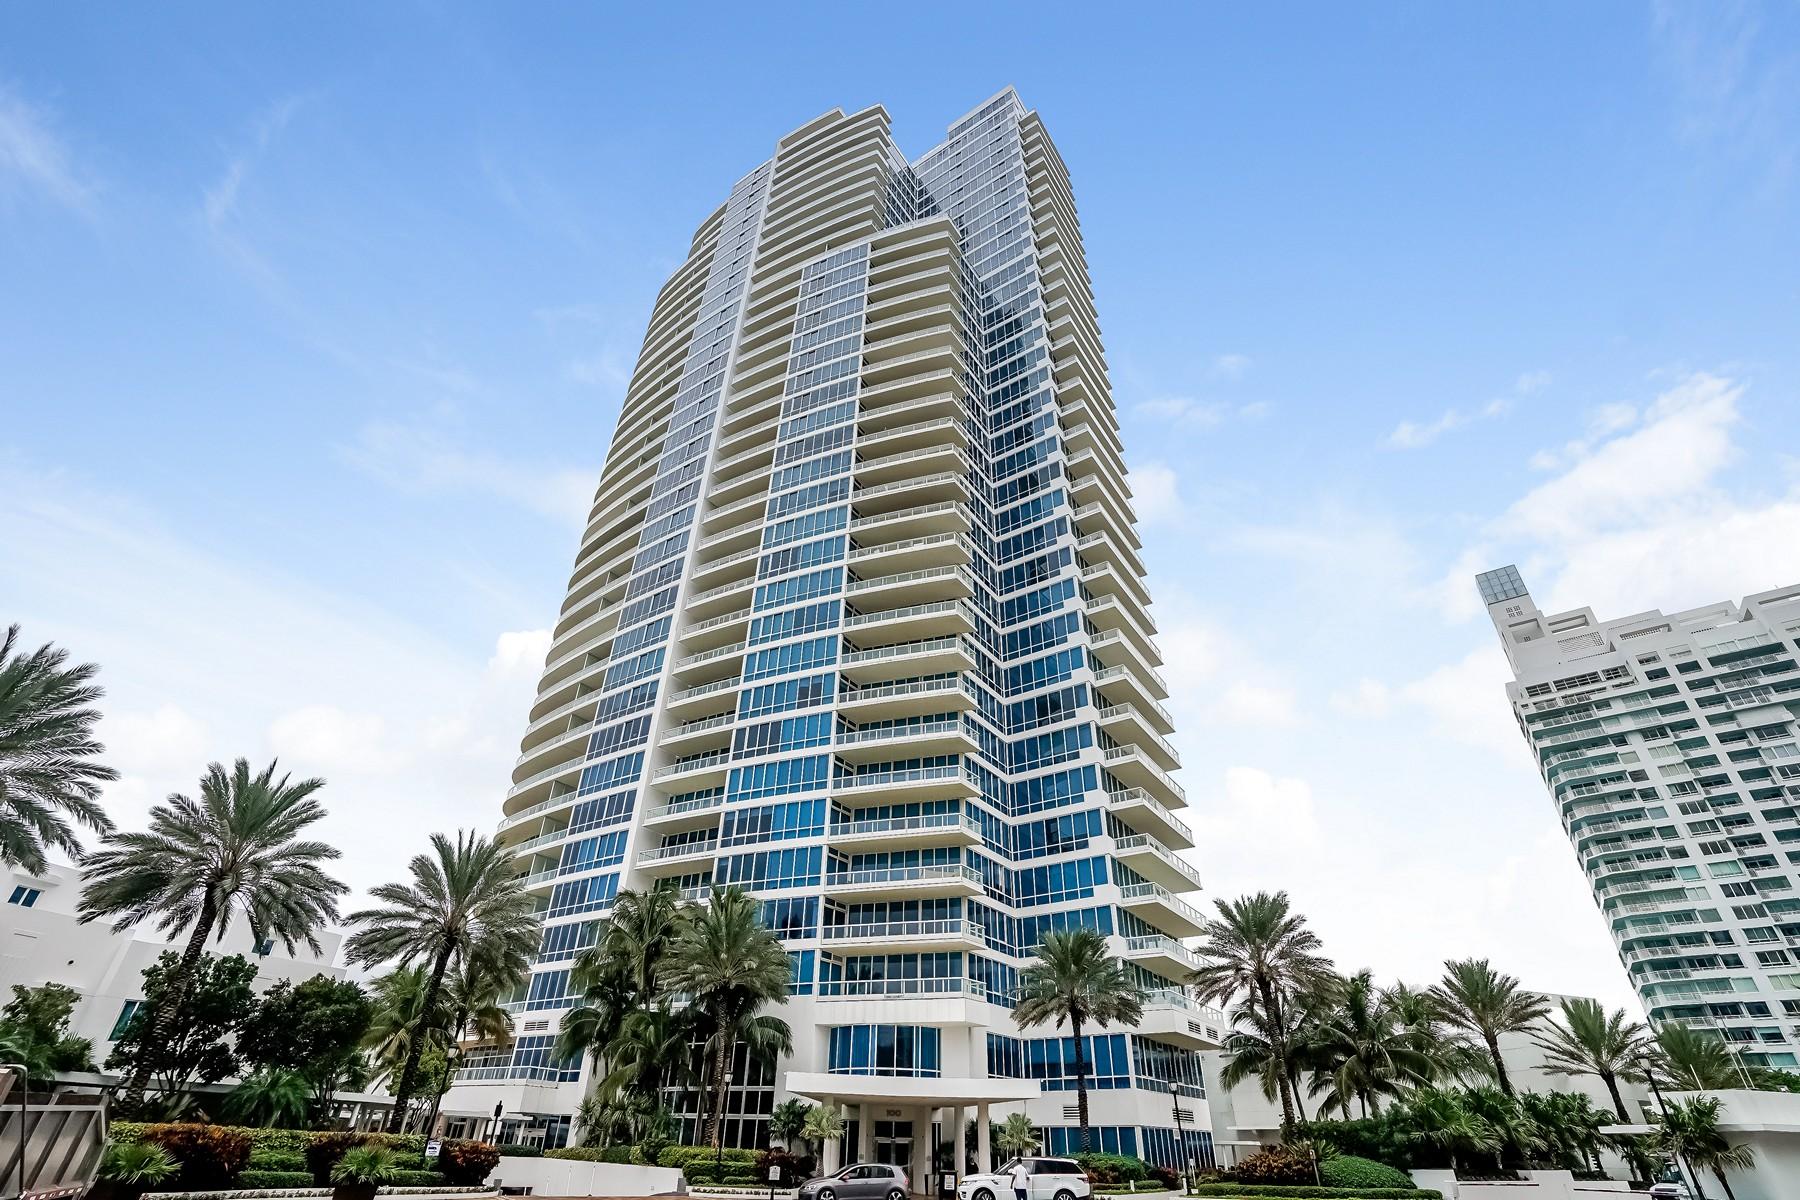 Eigentumswohnung für Verkauf beim 100 S Pointe Dr #510 Miami Beach, Florida 33139 Vereinigte Staaten